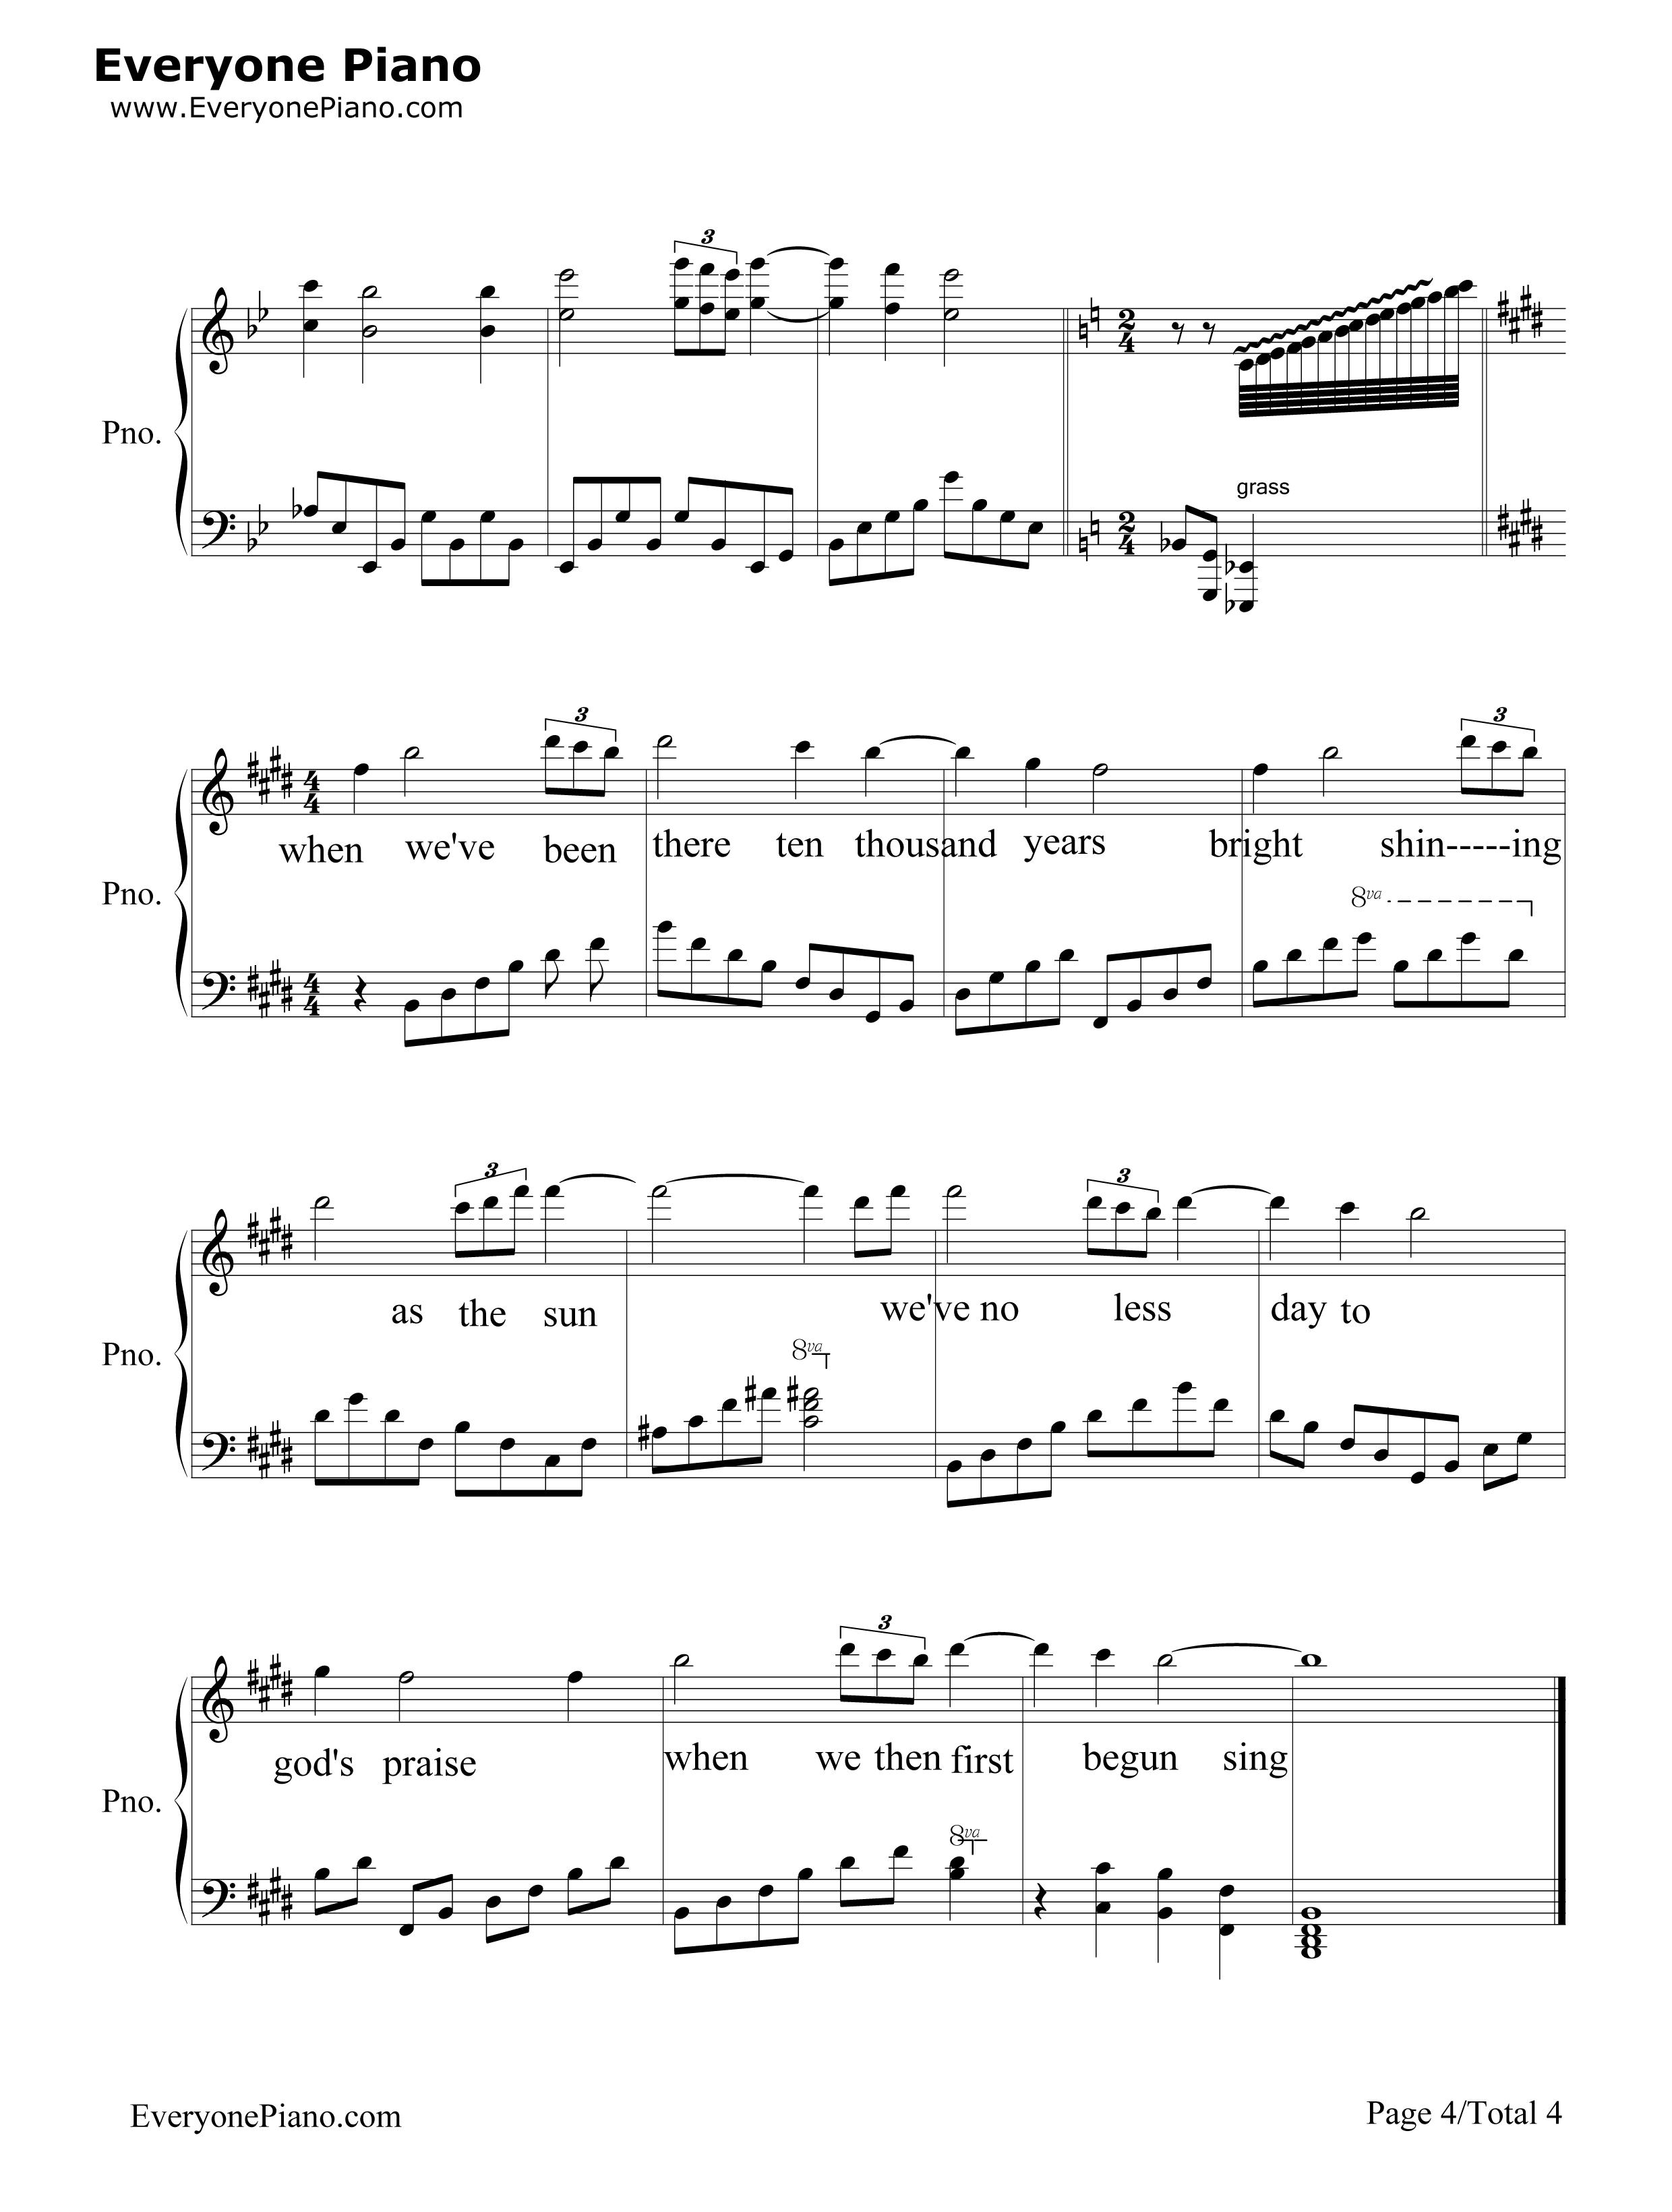 Amazing grace sheet music free amazing grace sheet music